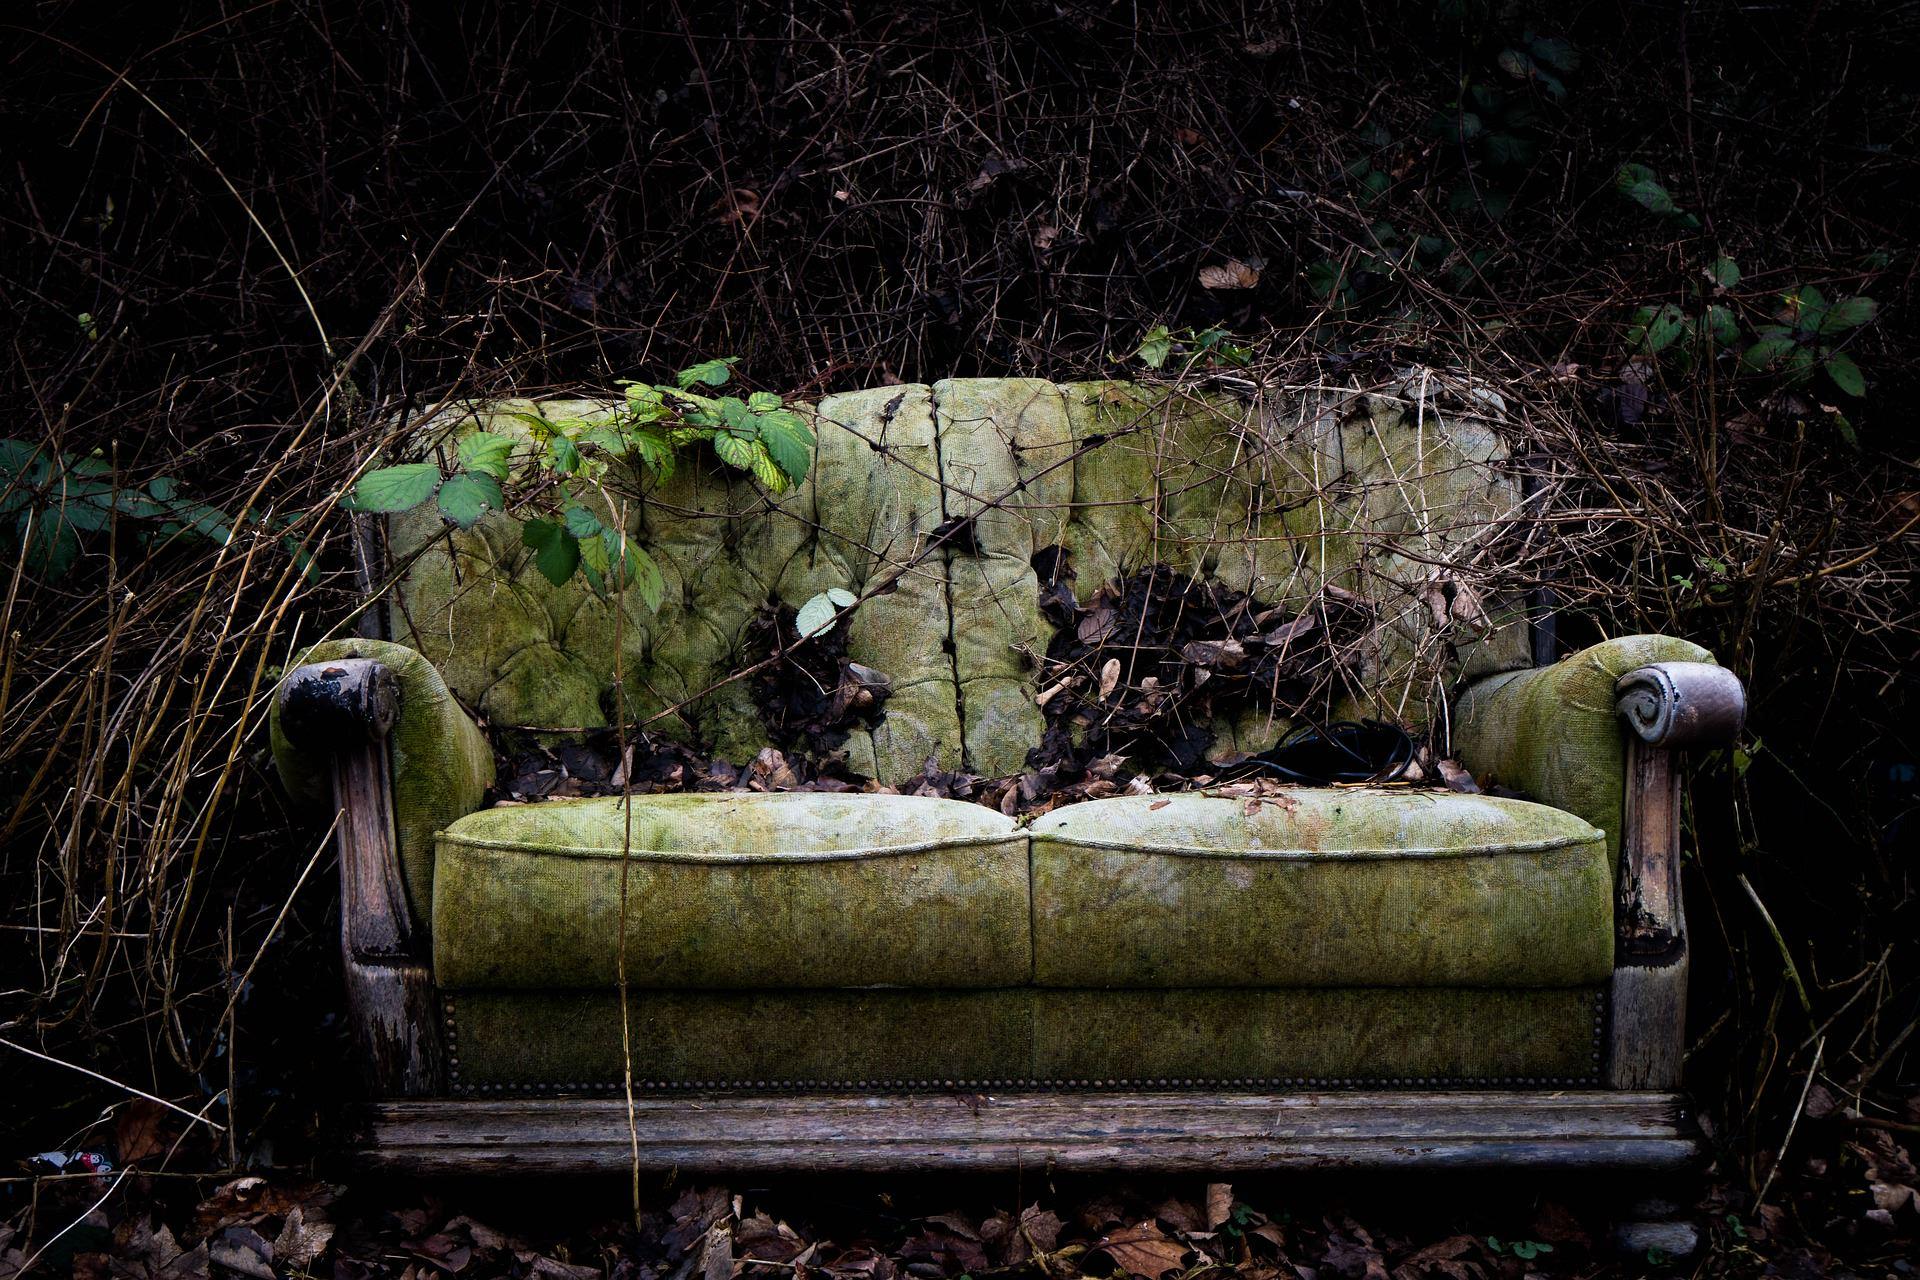 old-abandoned-sofa